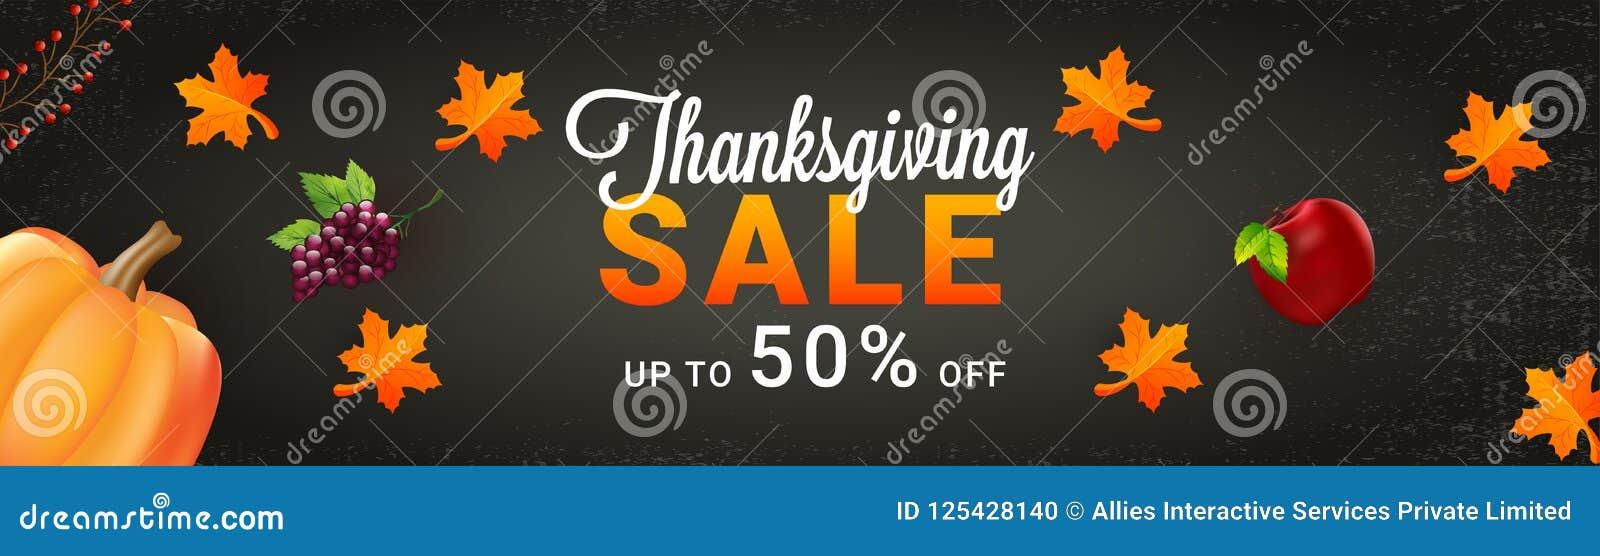 Website header or banner design, Upto 50  offer sale for Thanksgiving celebration concept with illustration of grapes, apple pump